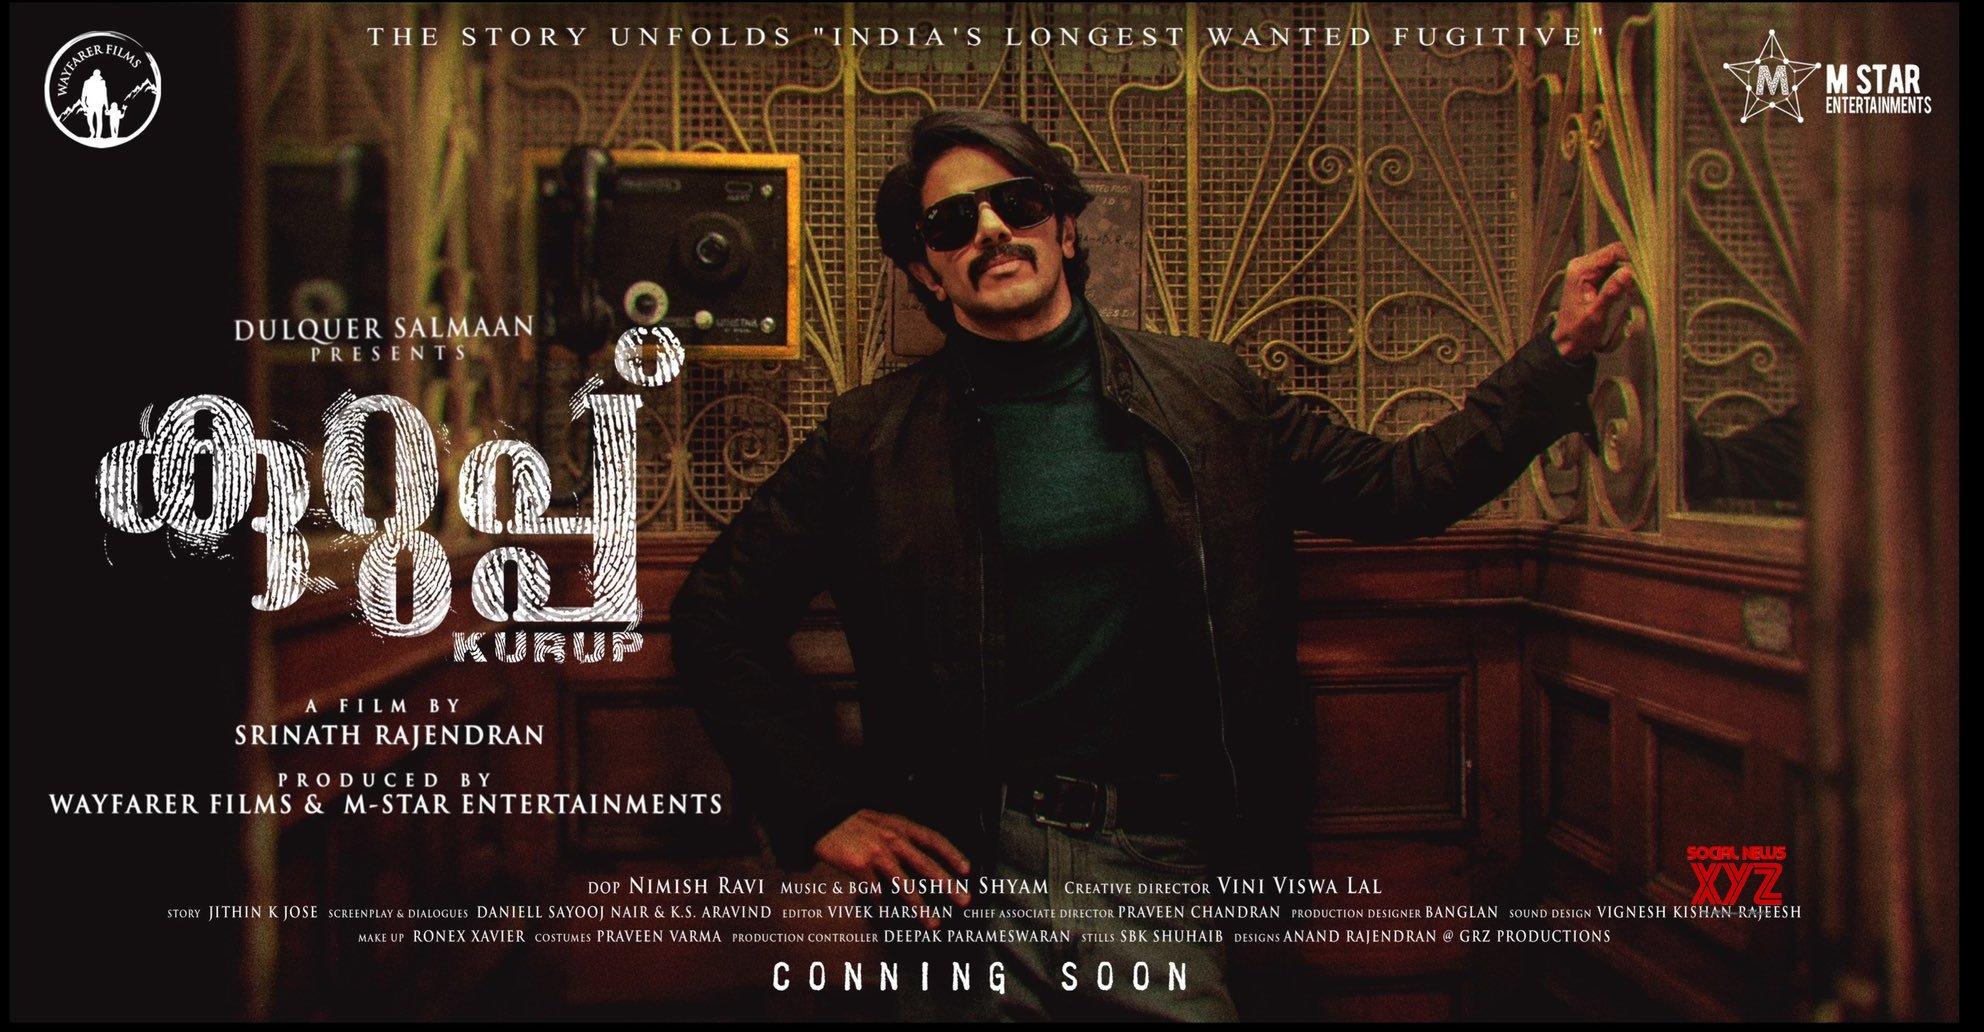 Dulquer Salmaan's Kurup Movie Second Look Poster